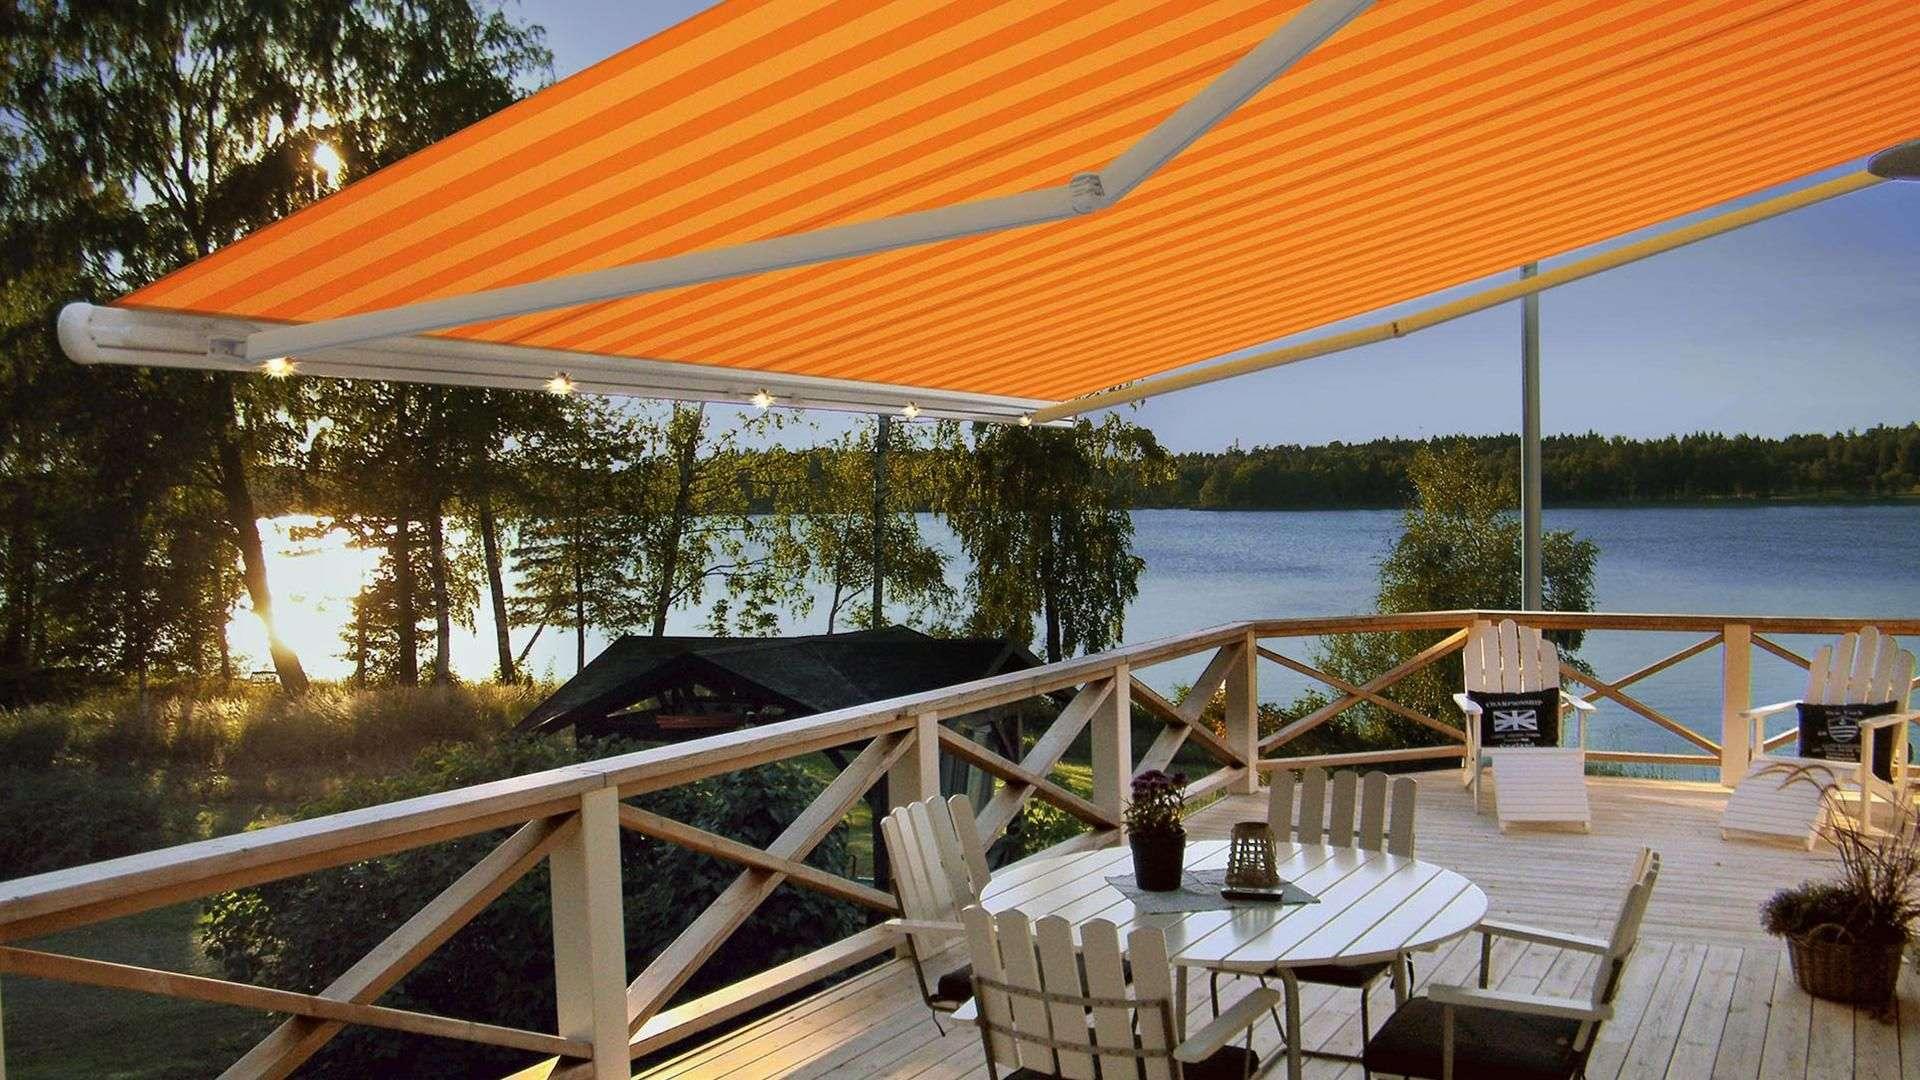 Blick unter eine orange Gelenkarm-Markise über einer Terrasse an einem See